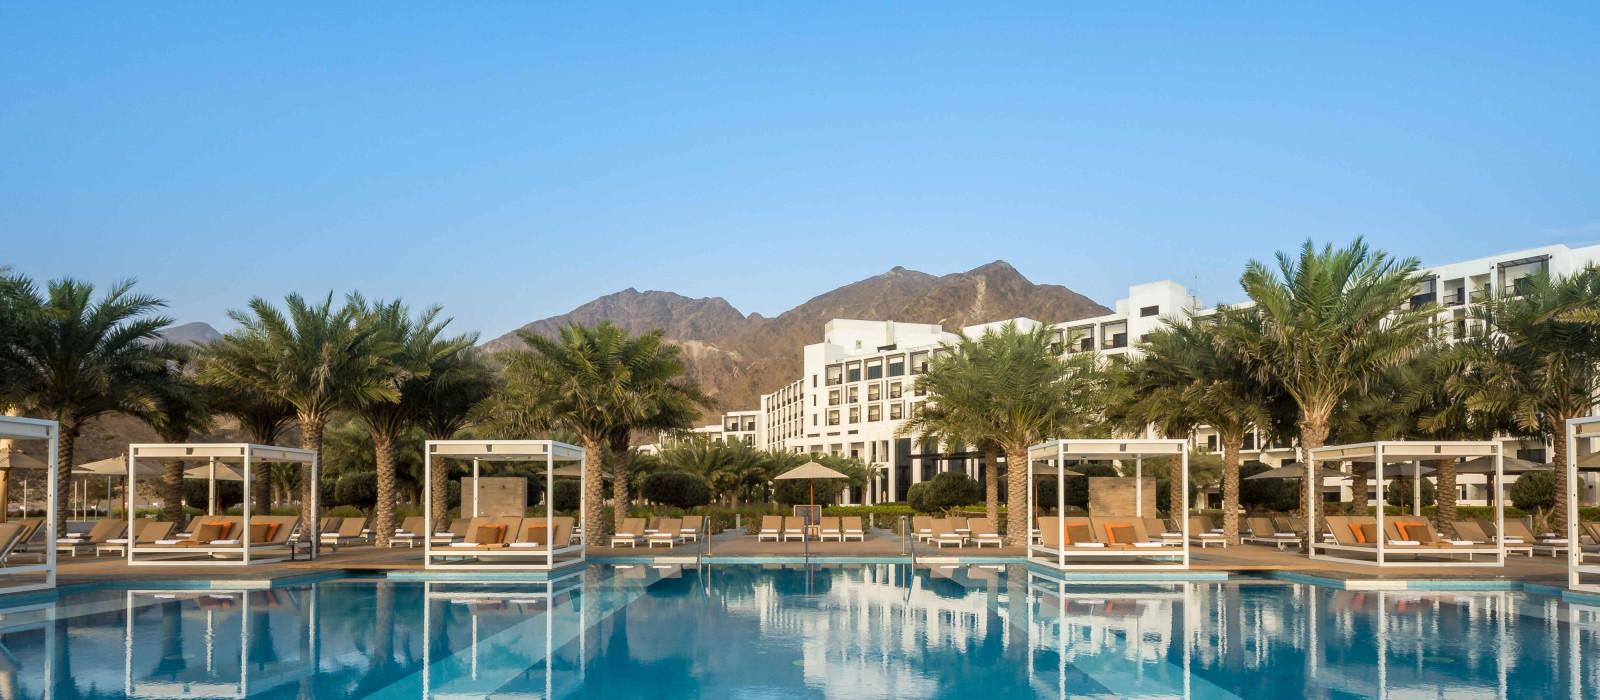 Hotel InterContinental Fujairah Resort Vereinigte Arabische Emirate